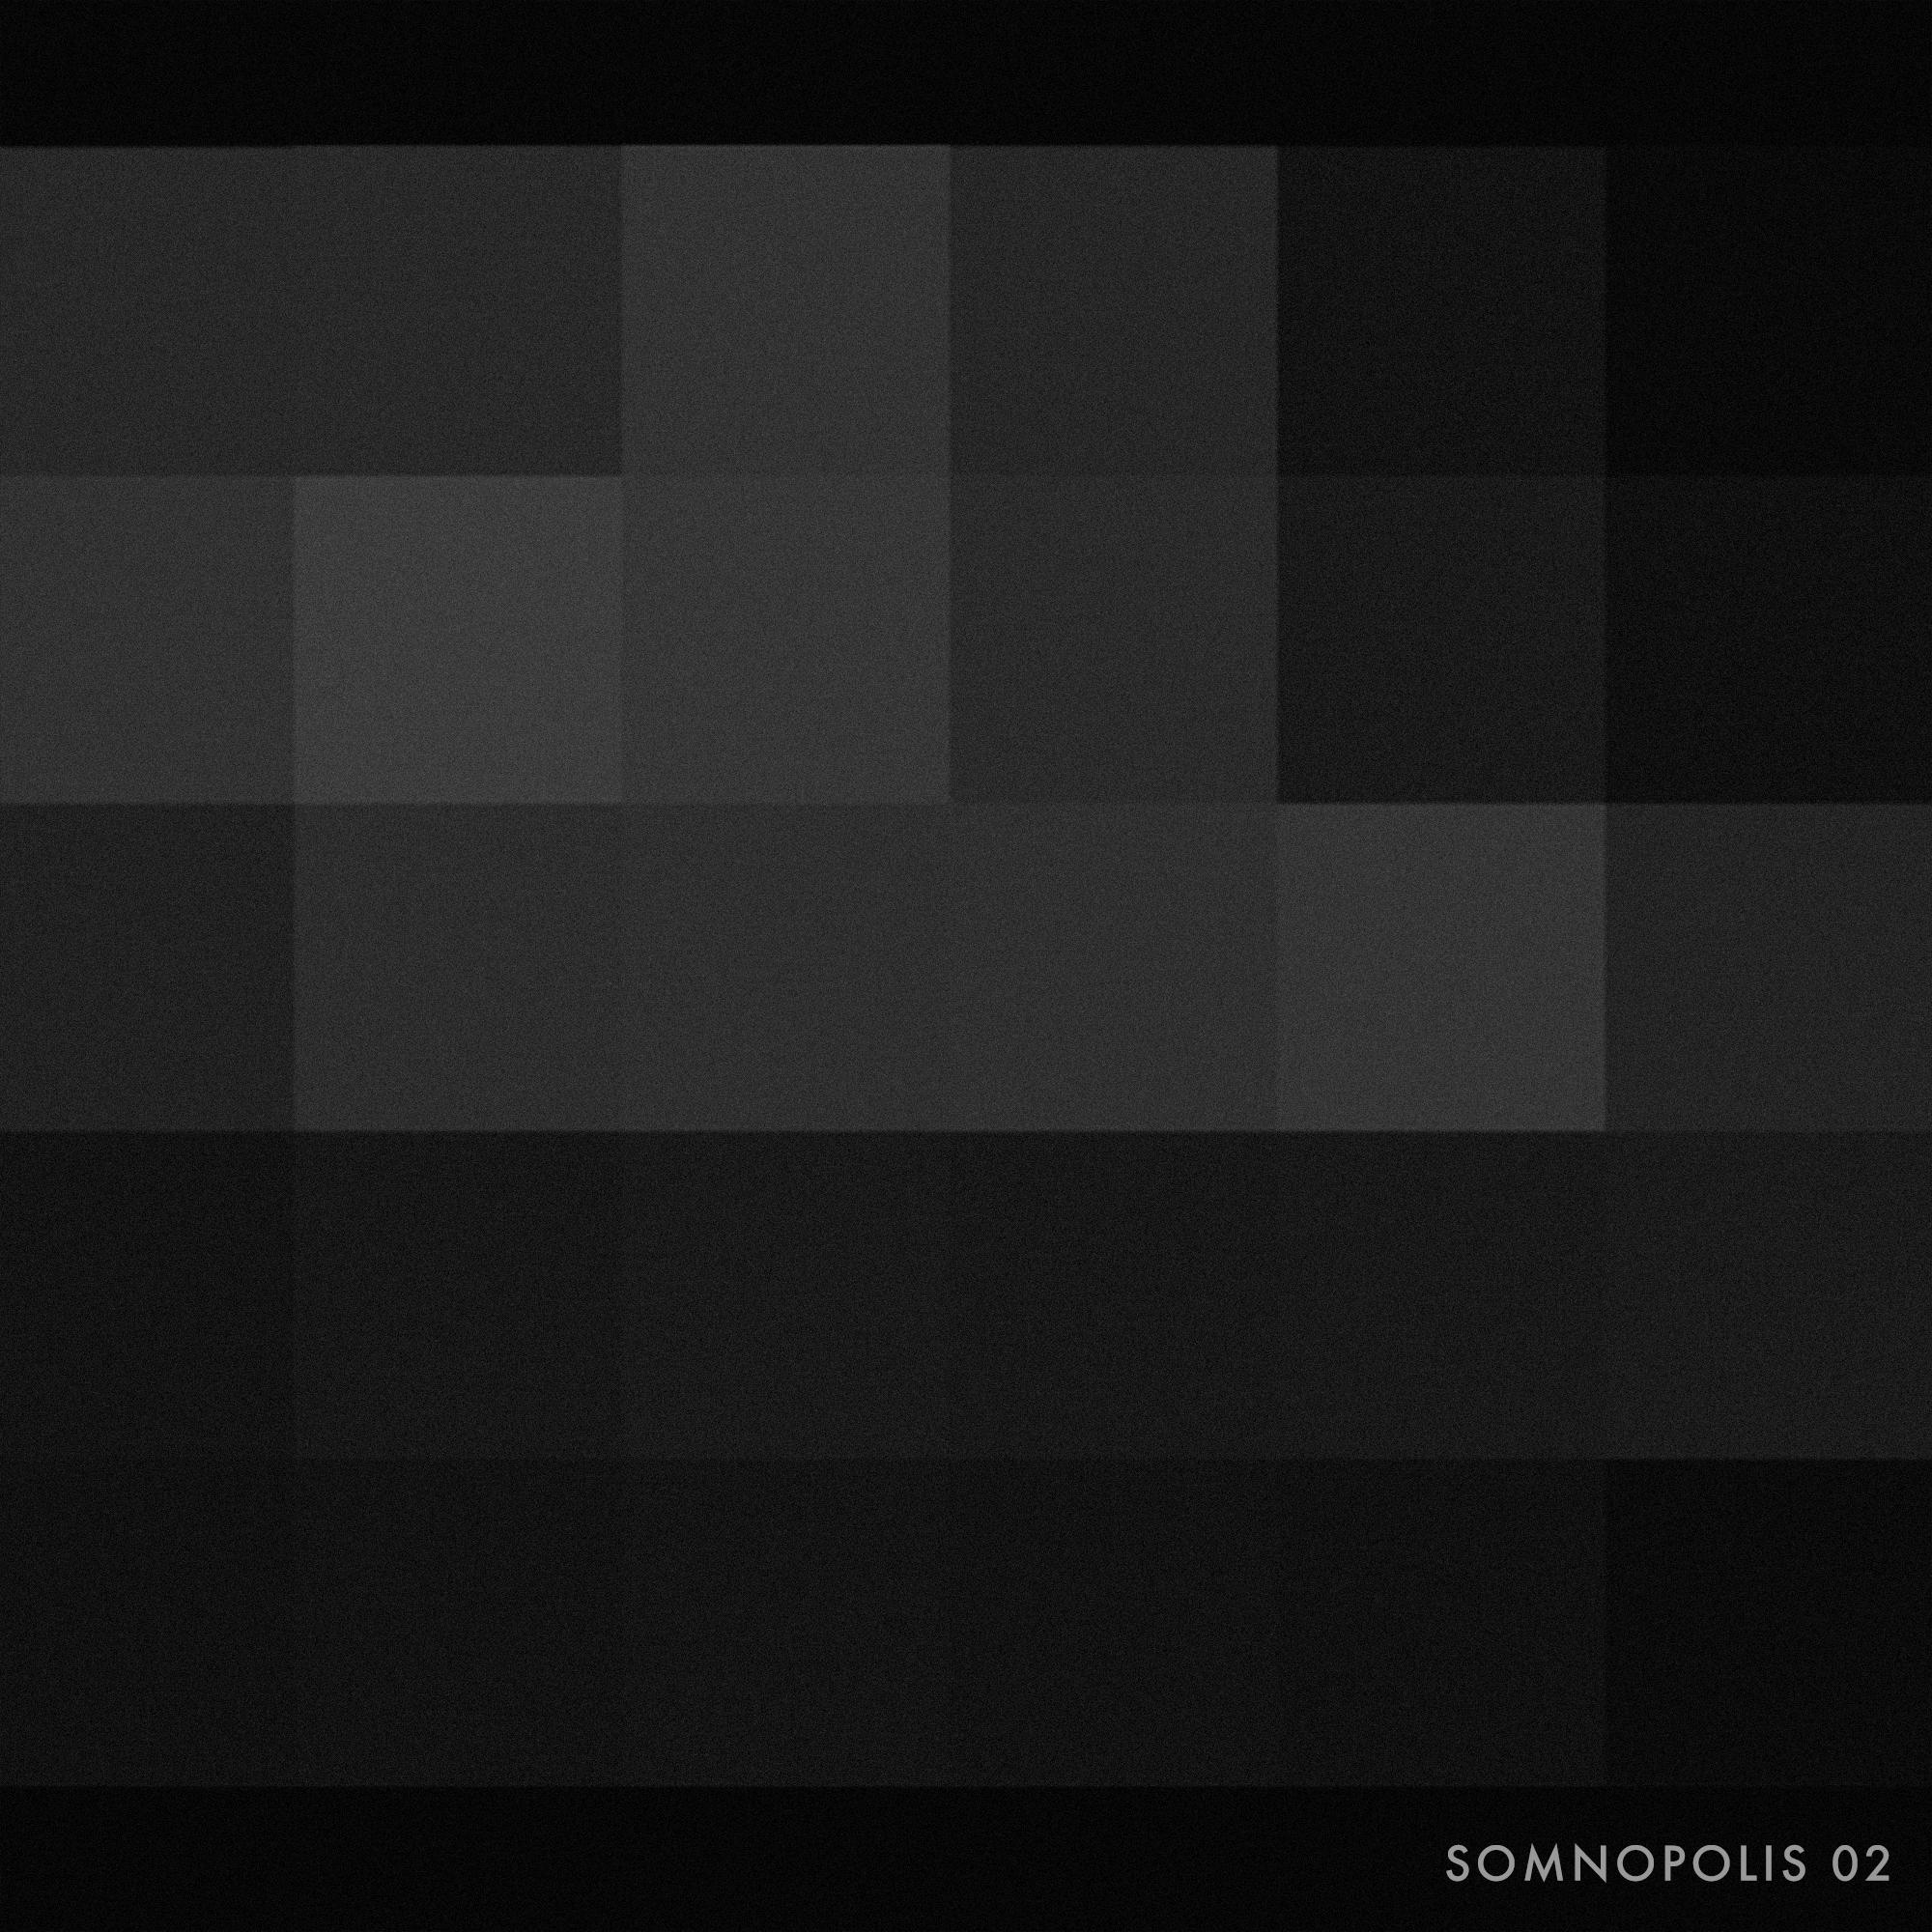 Somnopolis02.jpg